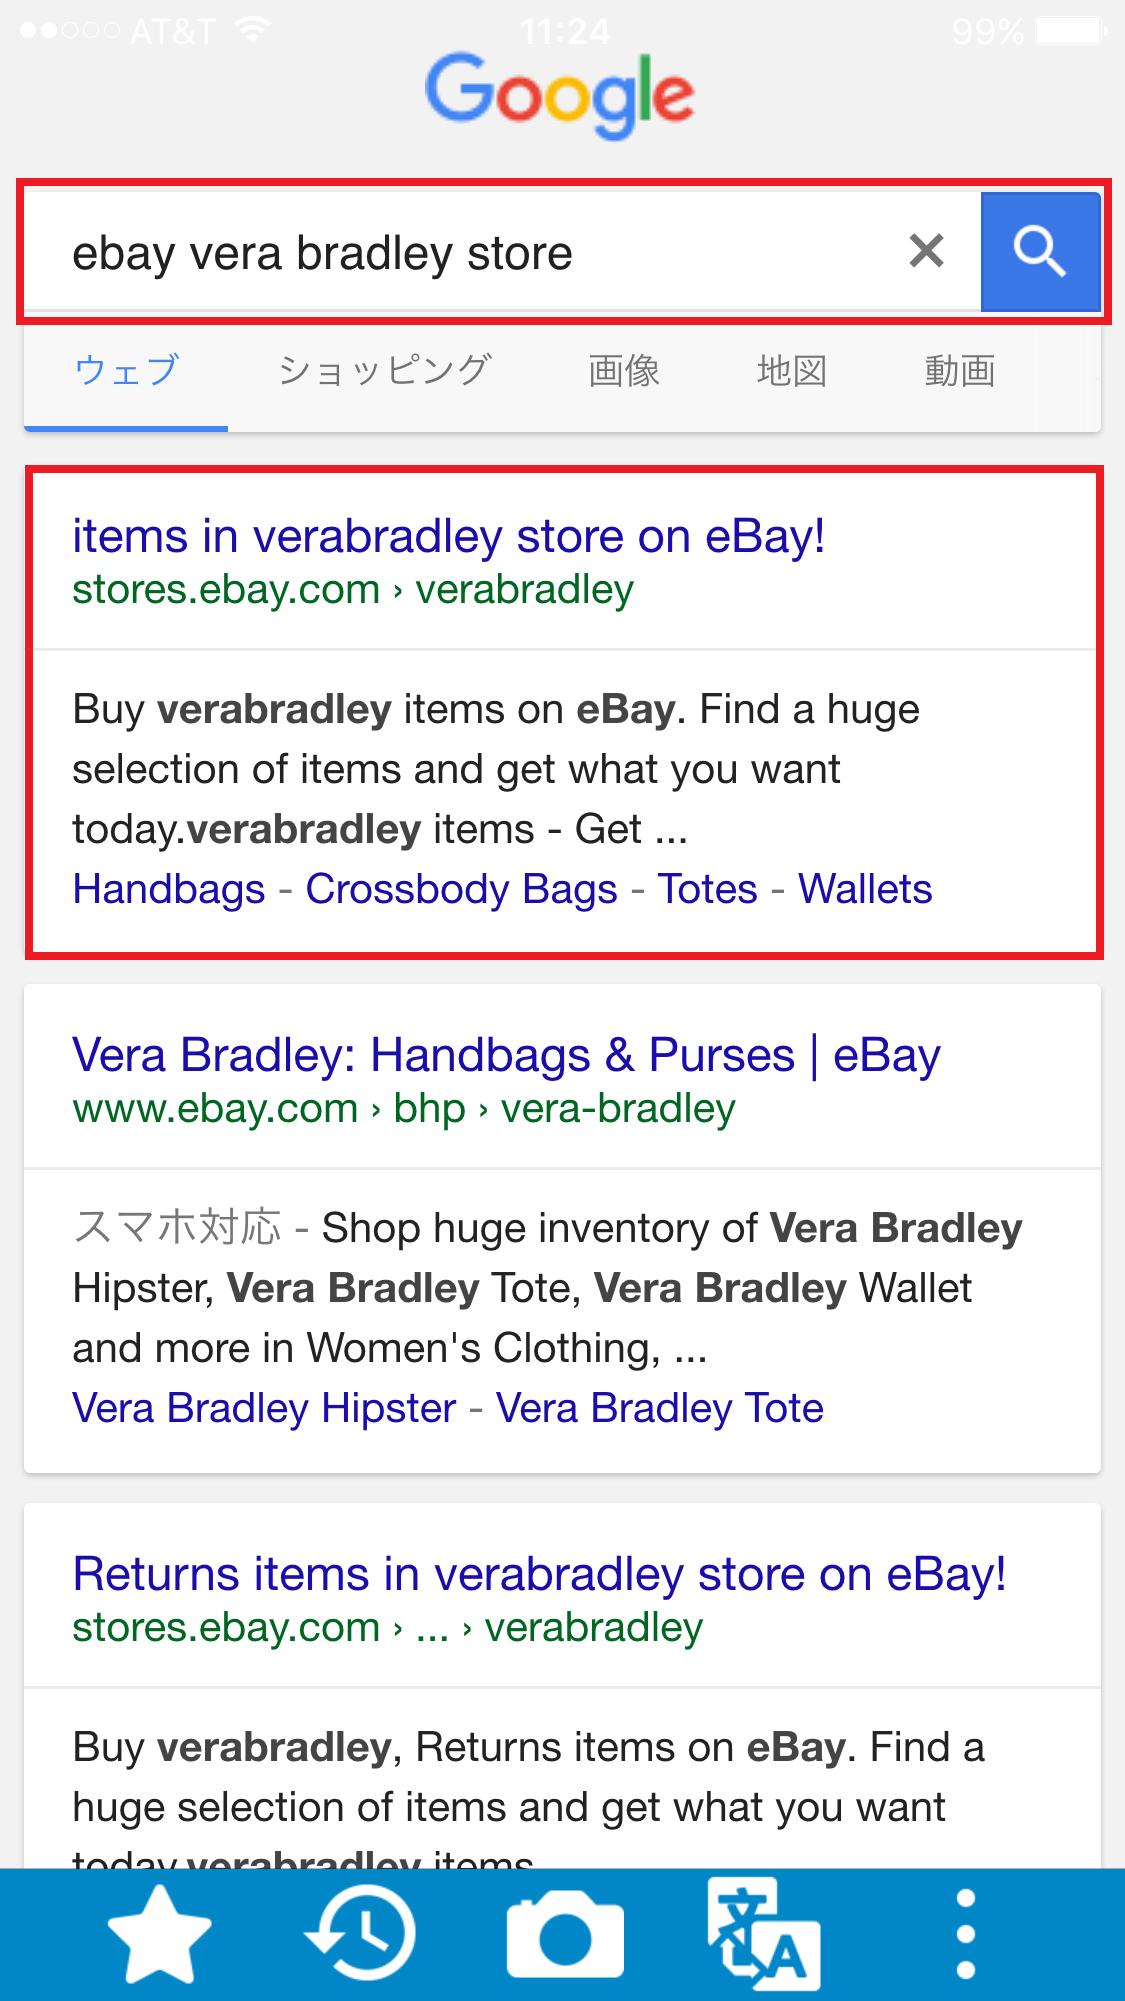 googdeでebay vera bradley store  で検索